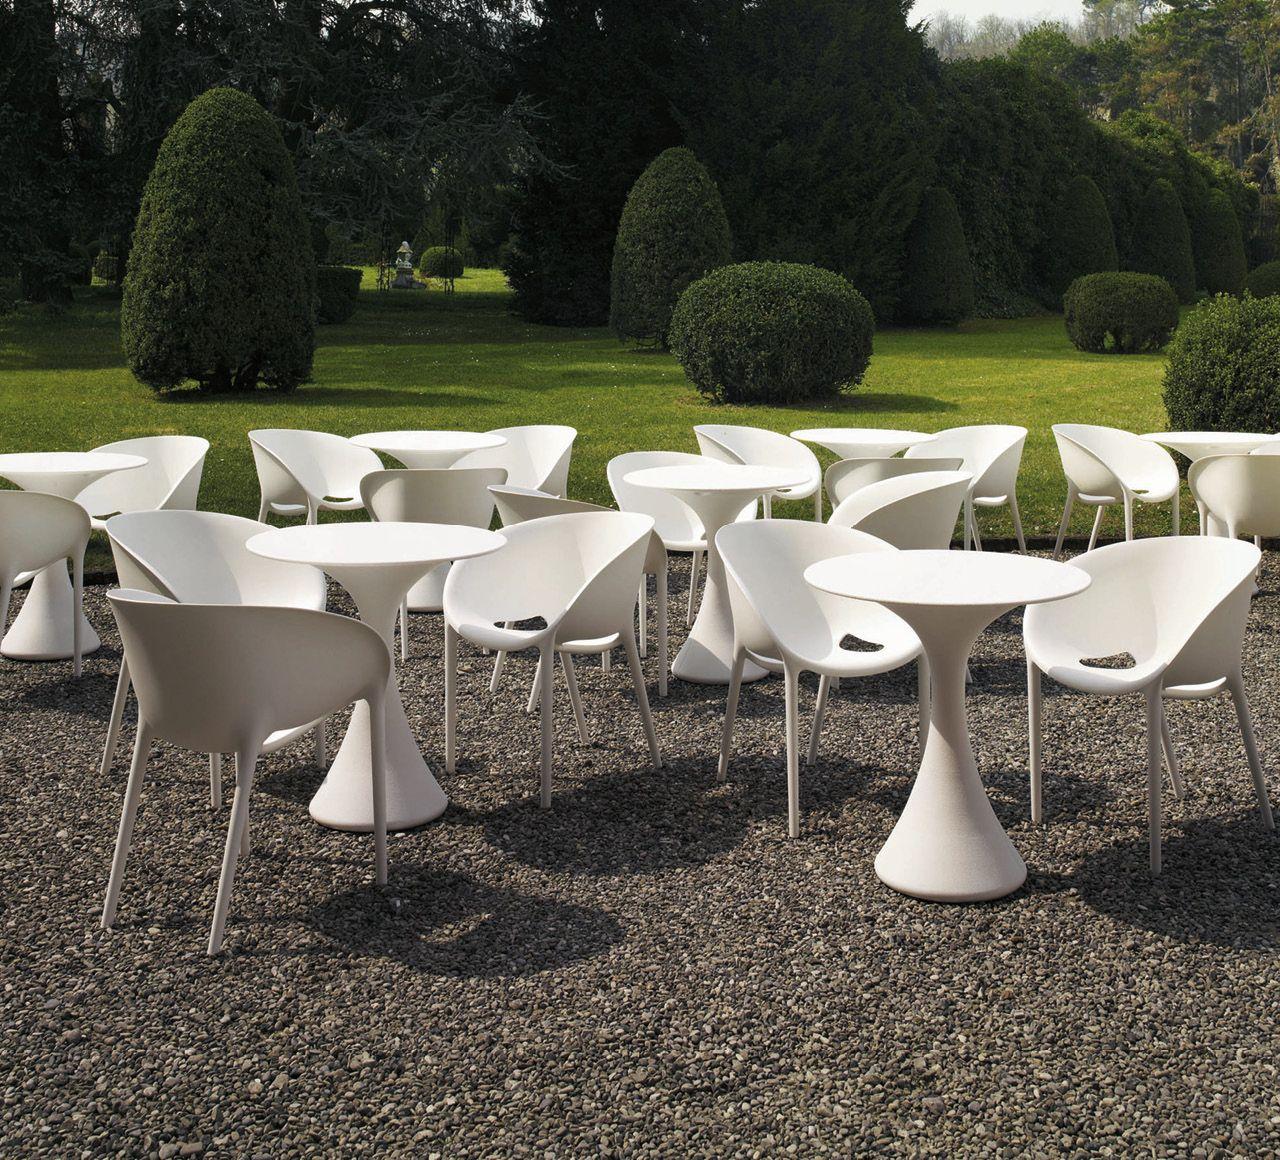 Sillas de dise o para el exterior blog de muebles y - Sillas para exterior ...